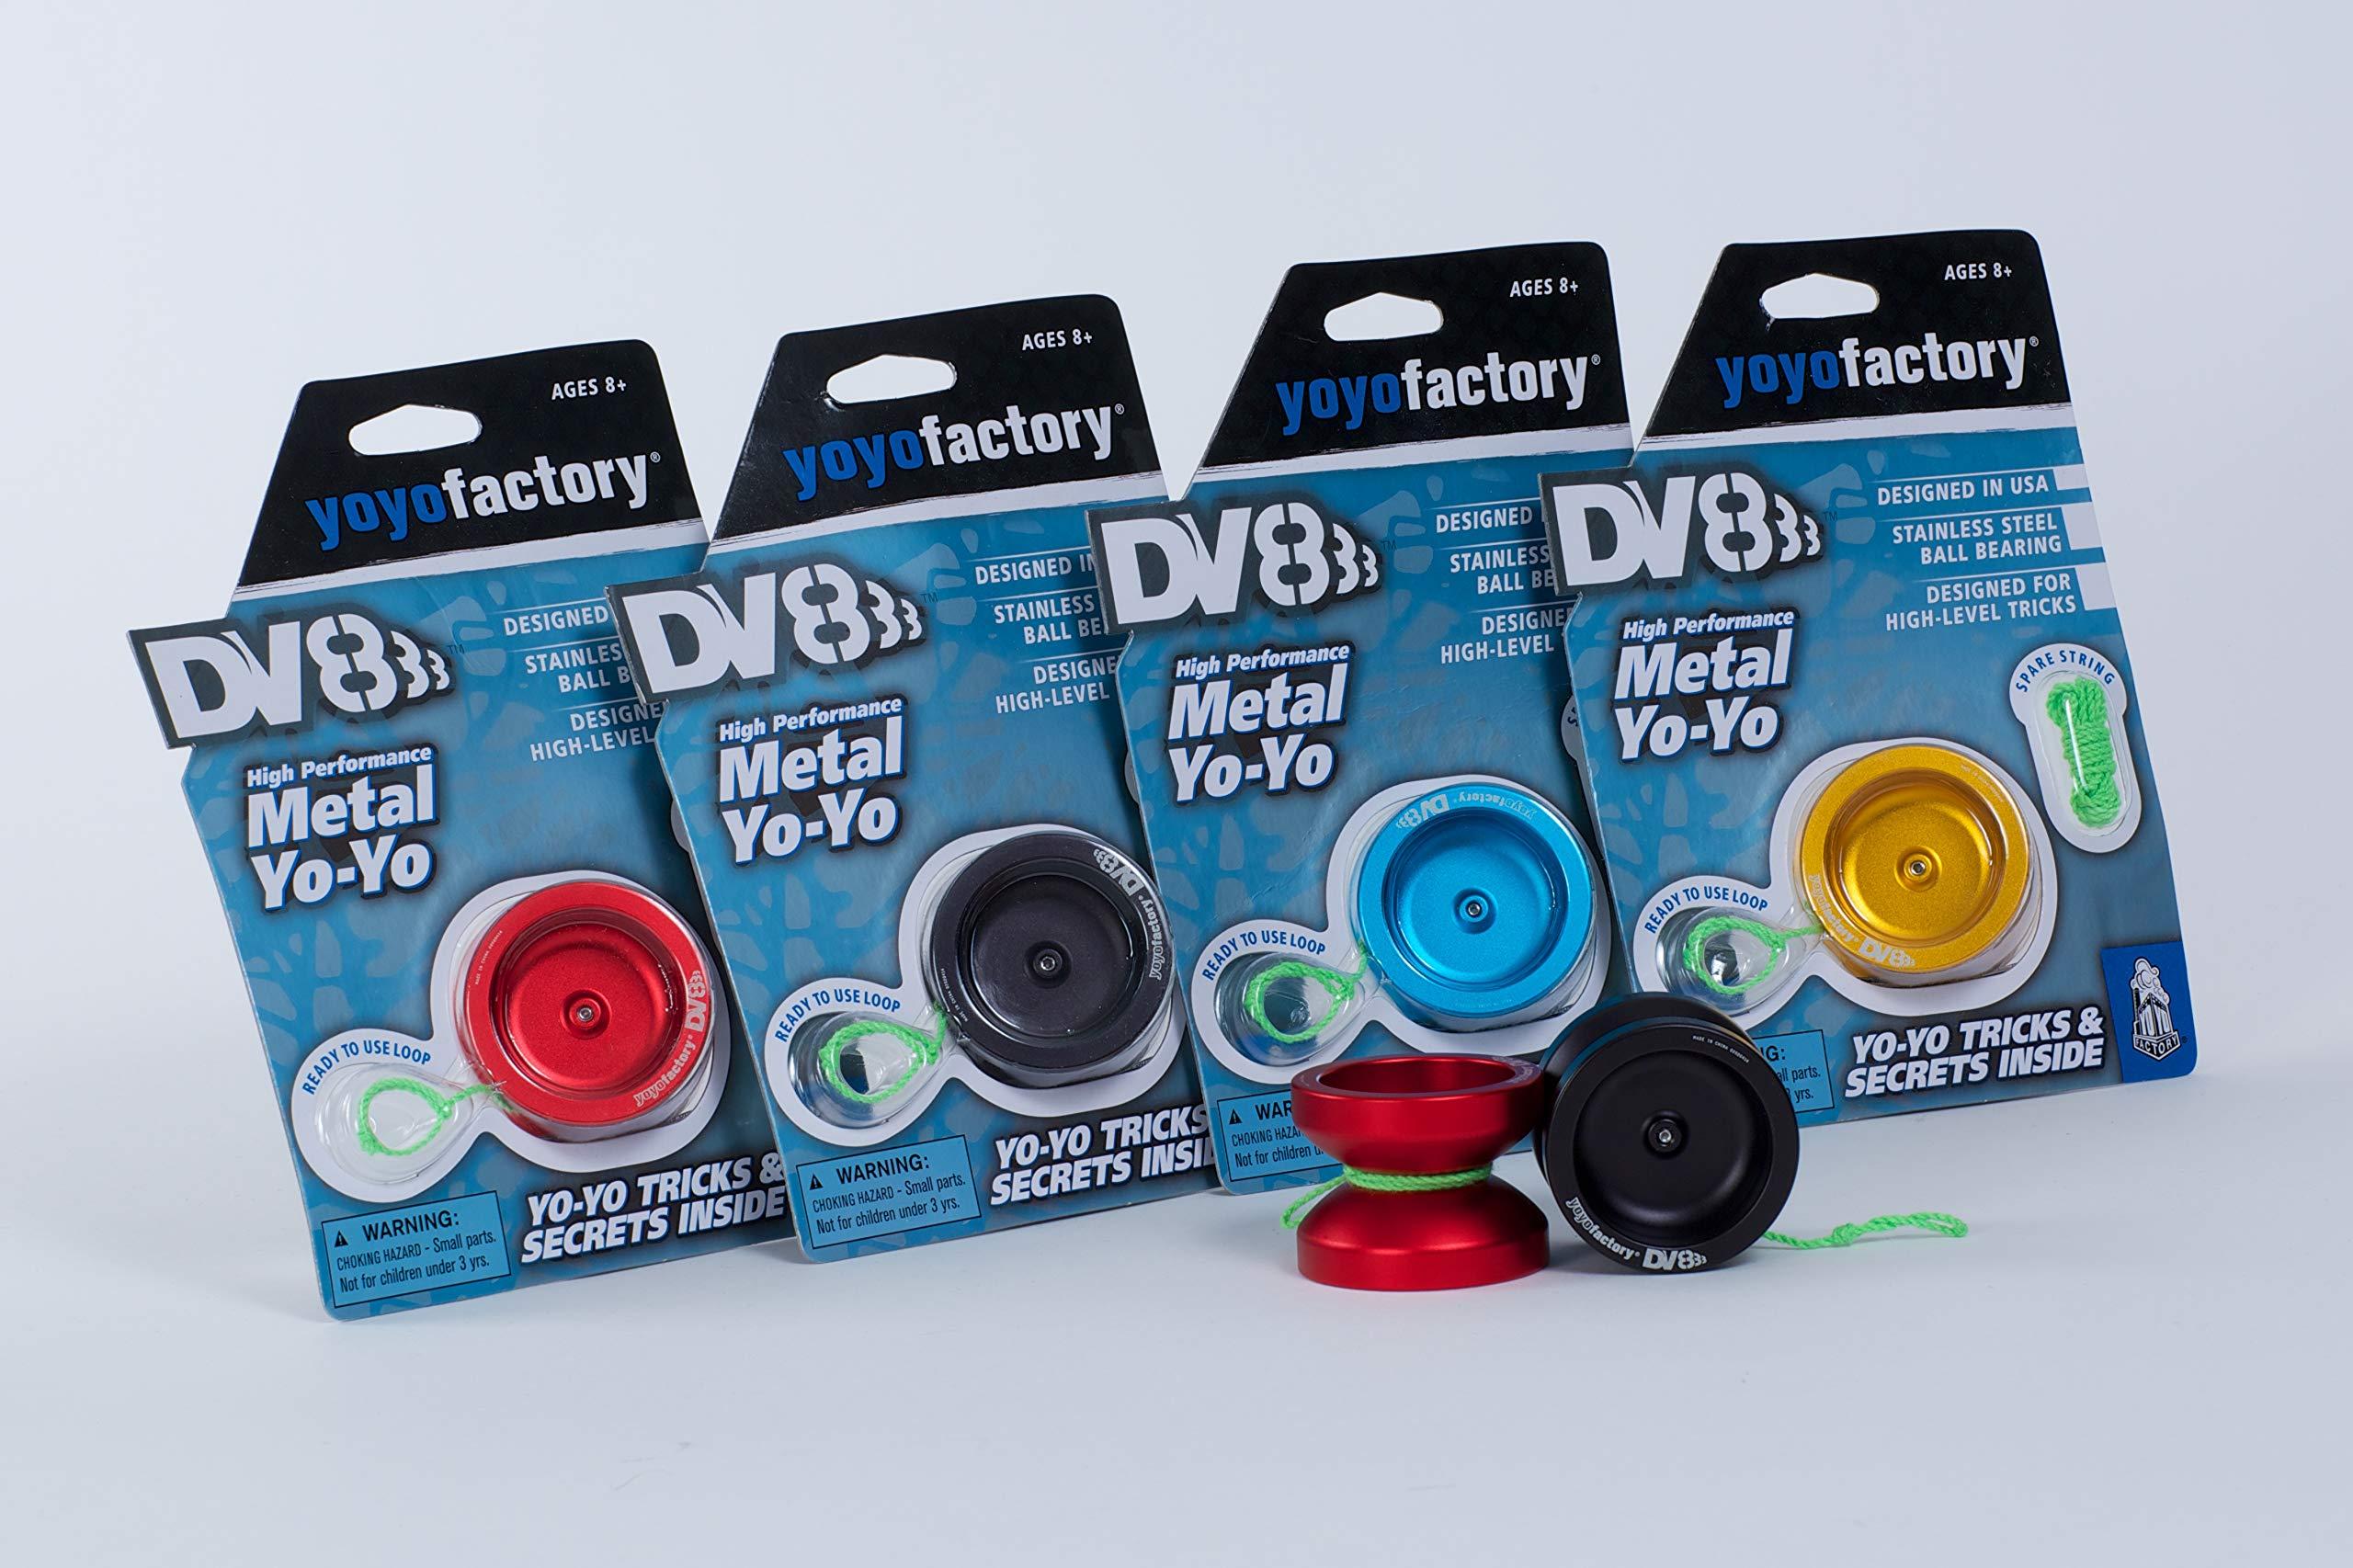 DV888 Yoyo by YoYoFactory Color Aqua